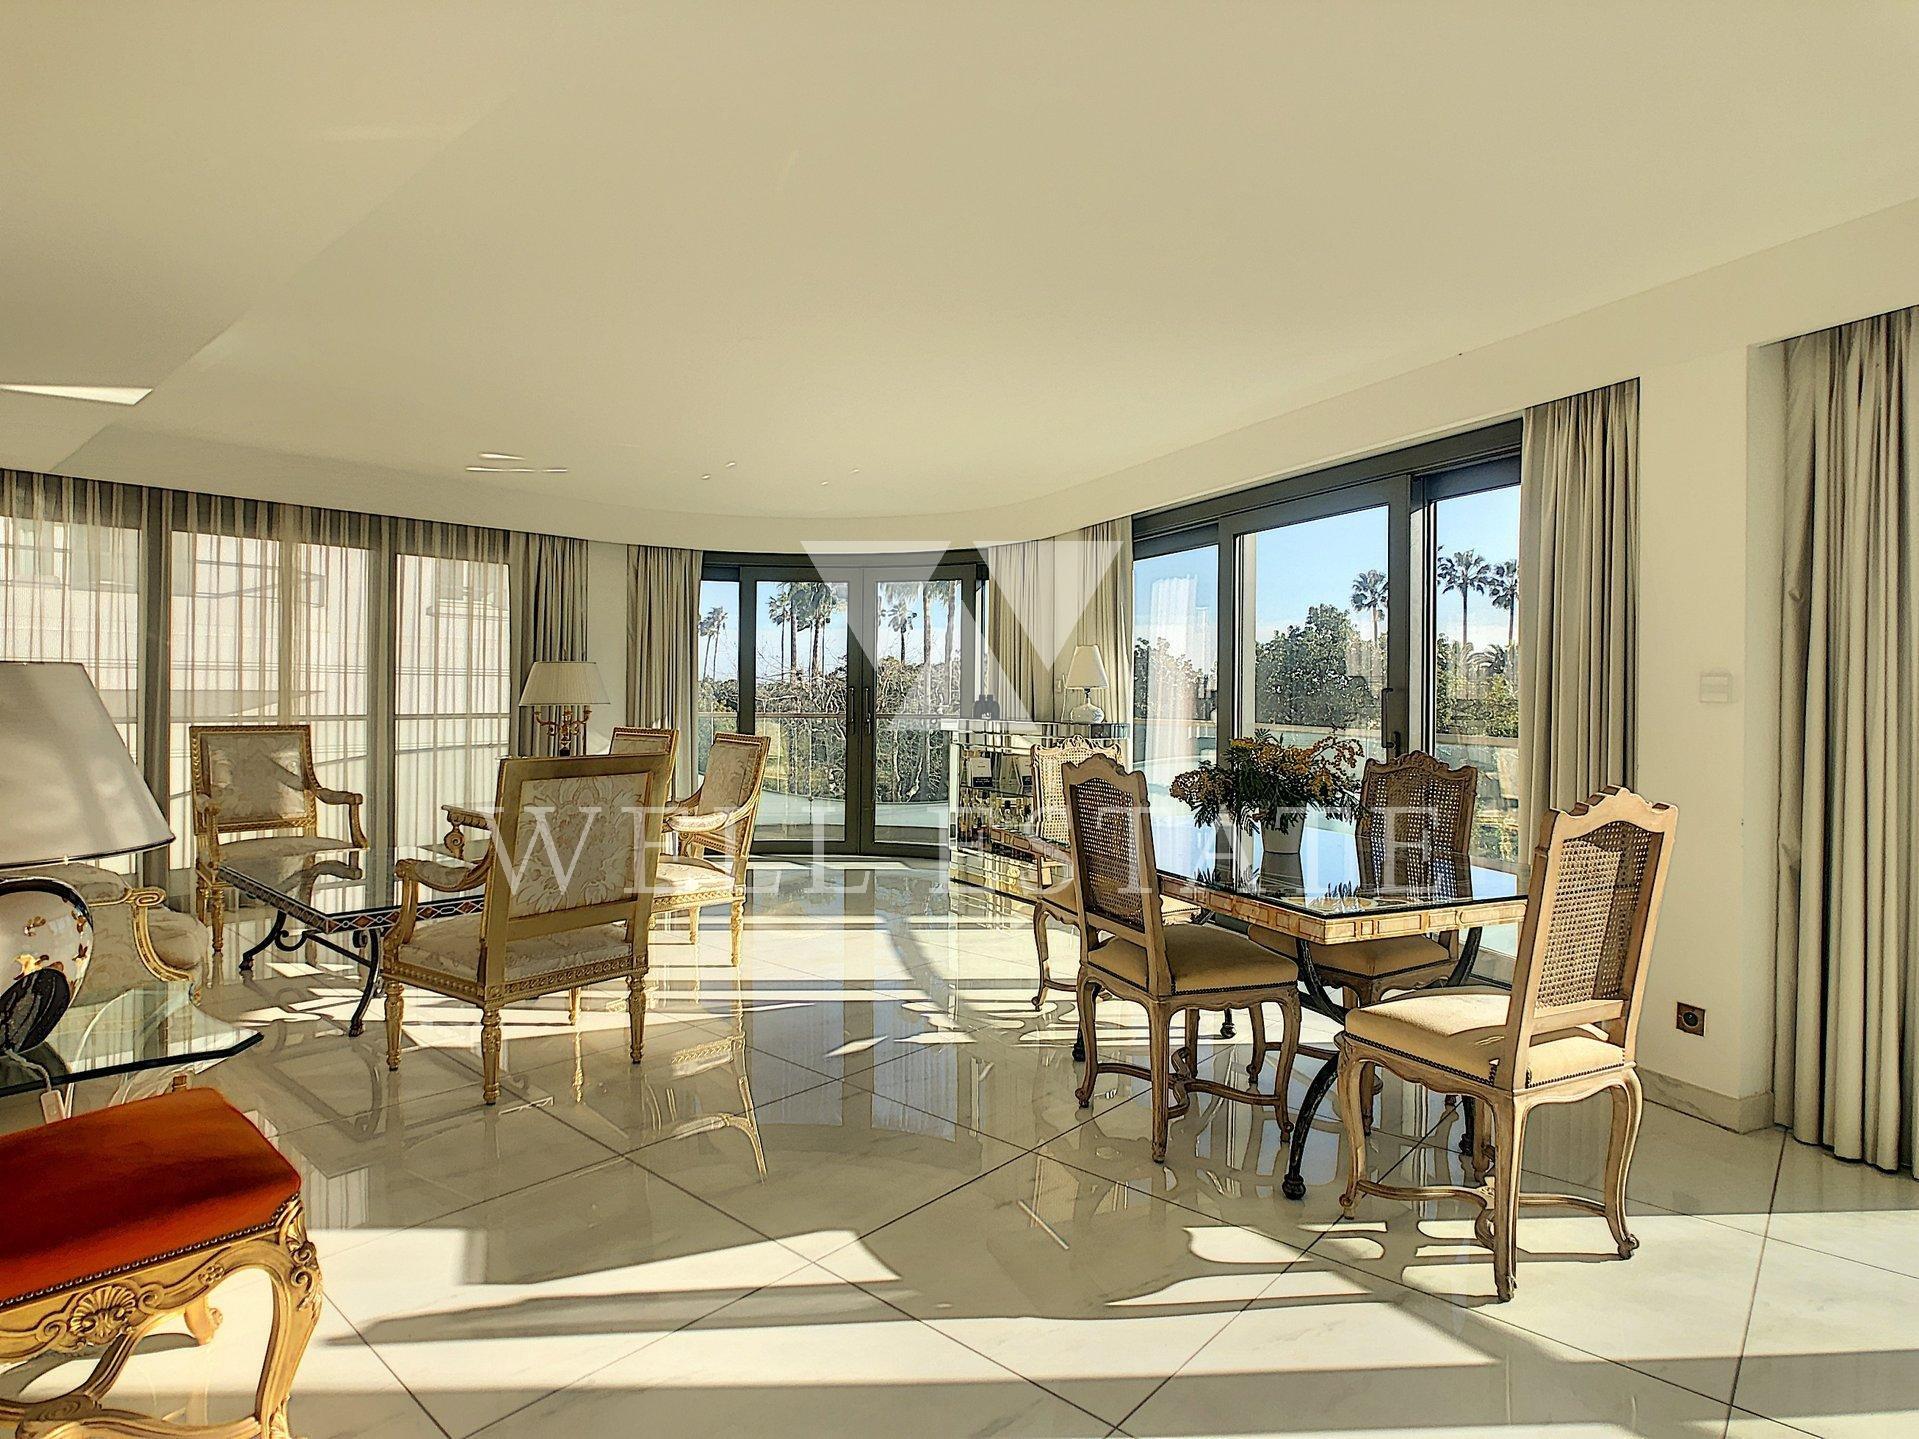 Канны Круазетт квартира 110м2 с 3 спальнями с видом на море и балконом